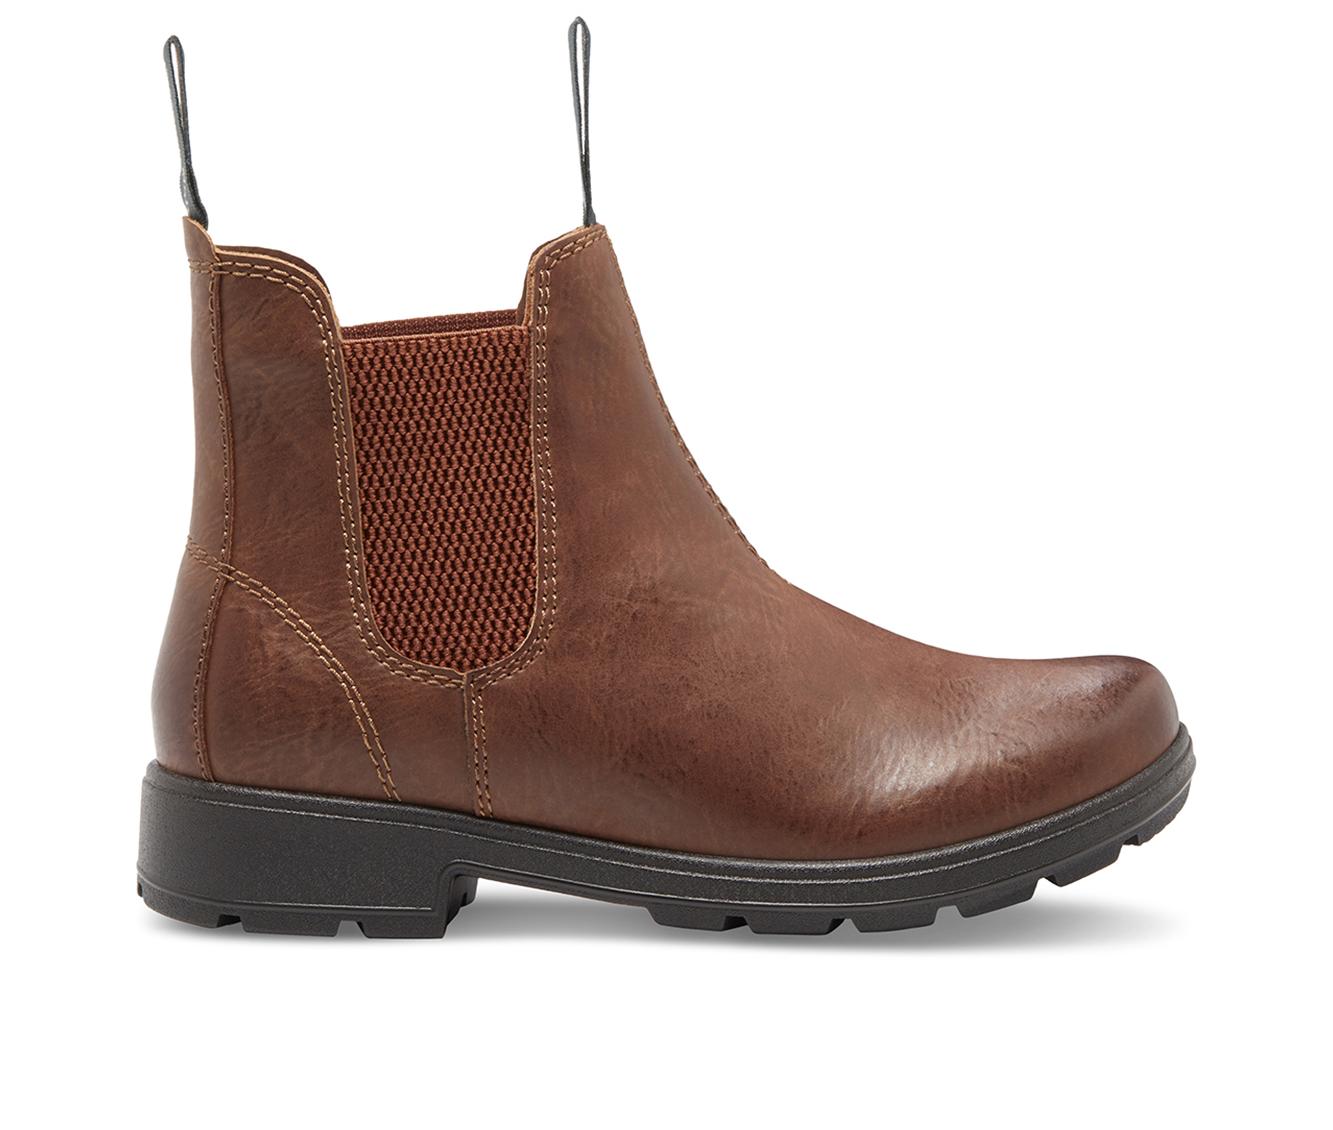 Eastland Baja Women's Boot (Beige Leather)